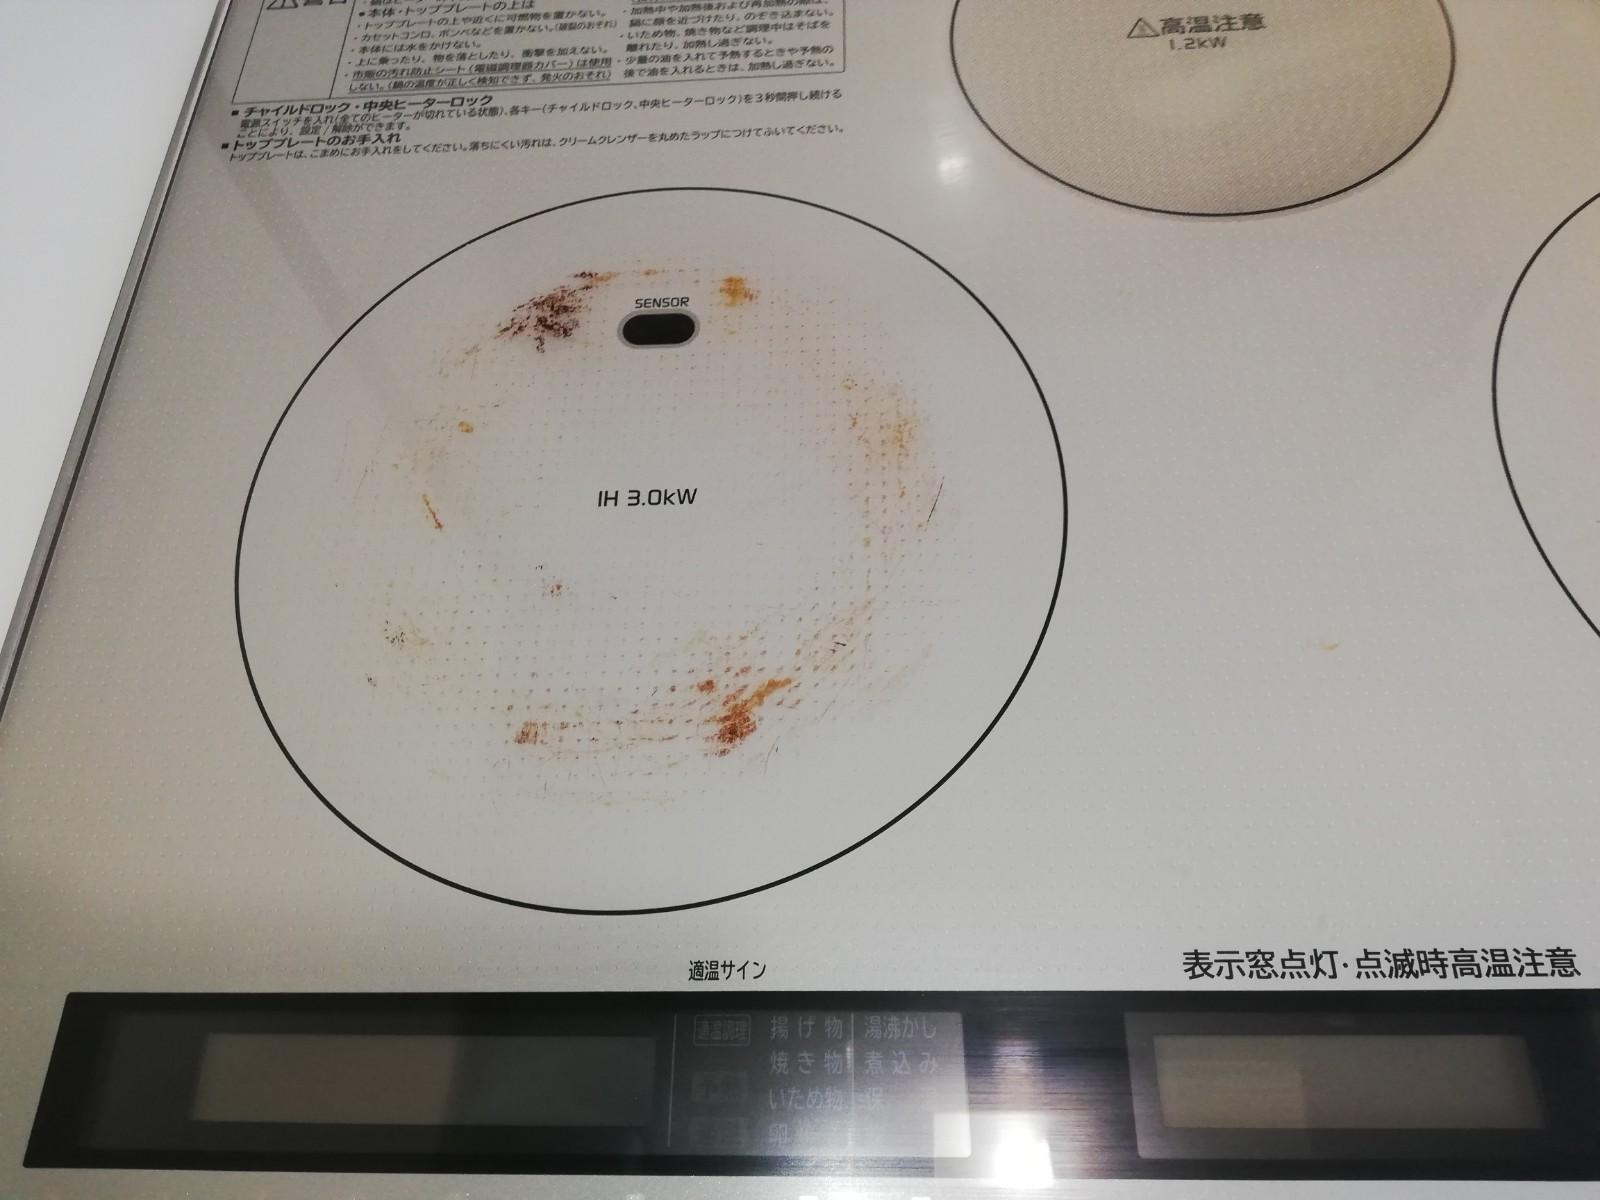 IHのキッチン汚れもキレイにしてほしい!五徳以外も対応できますか?Before